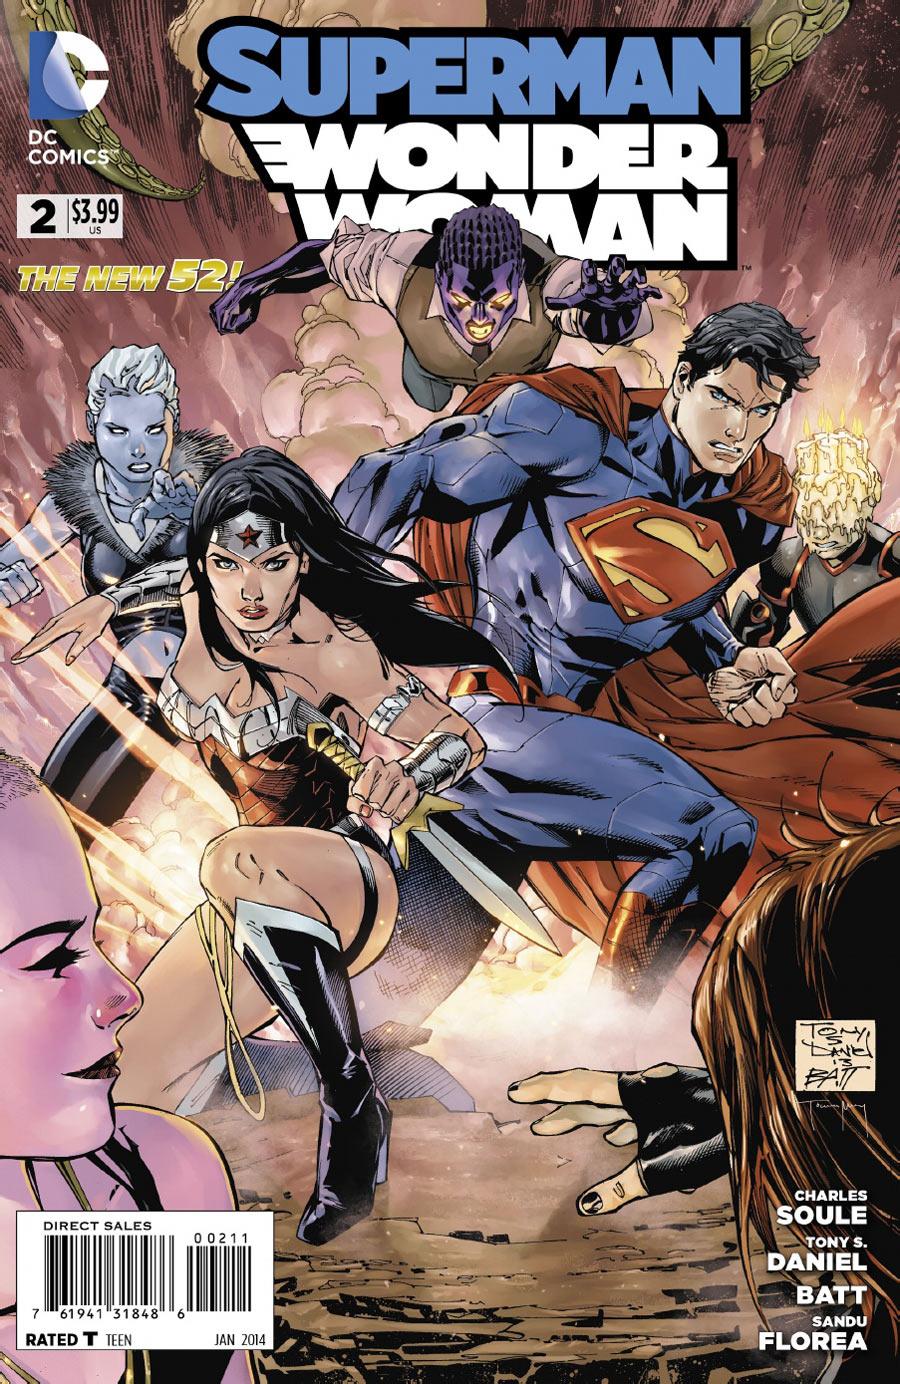 Superman/Wonder Woman #2 preview